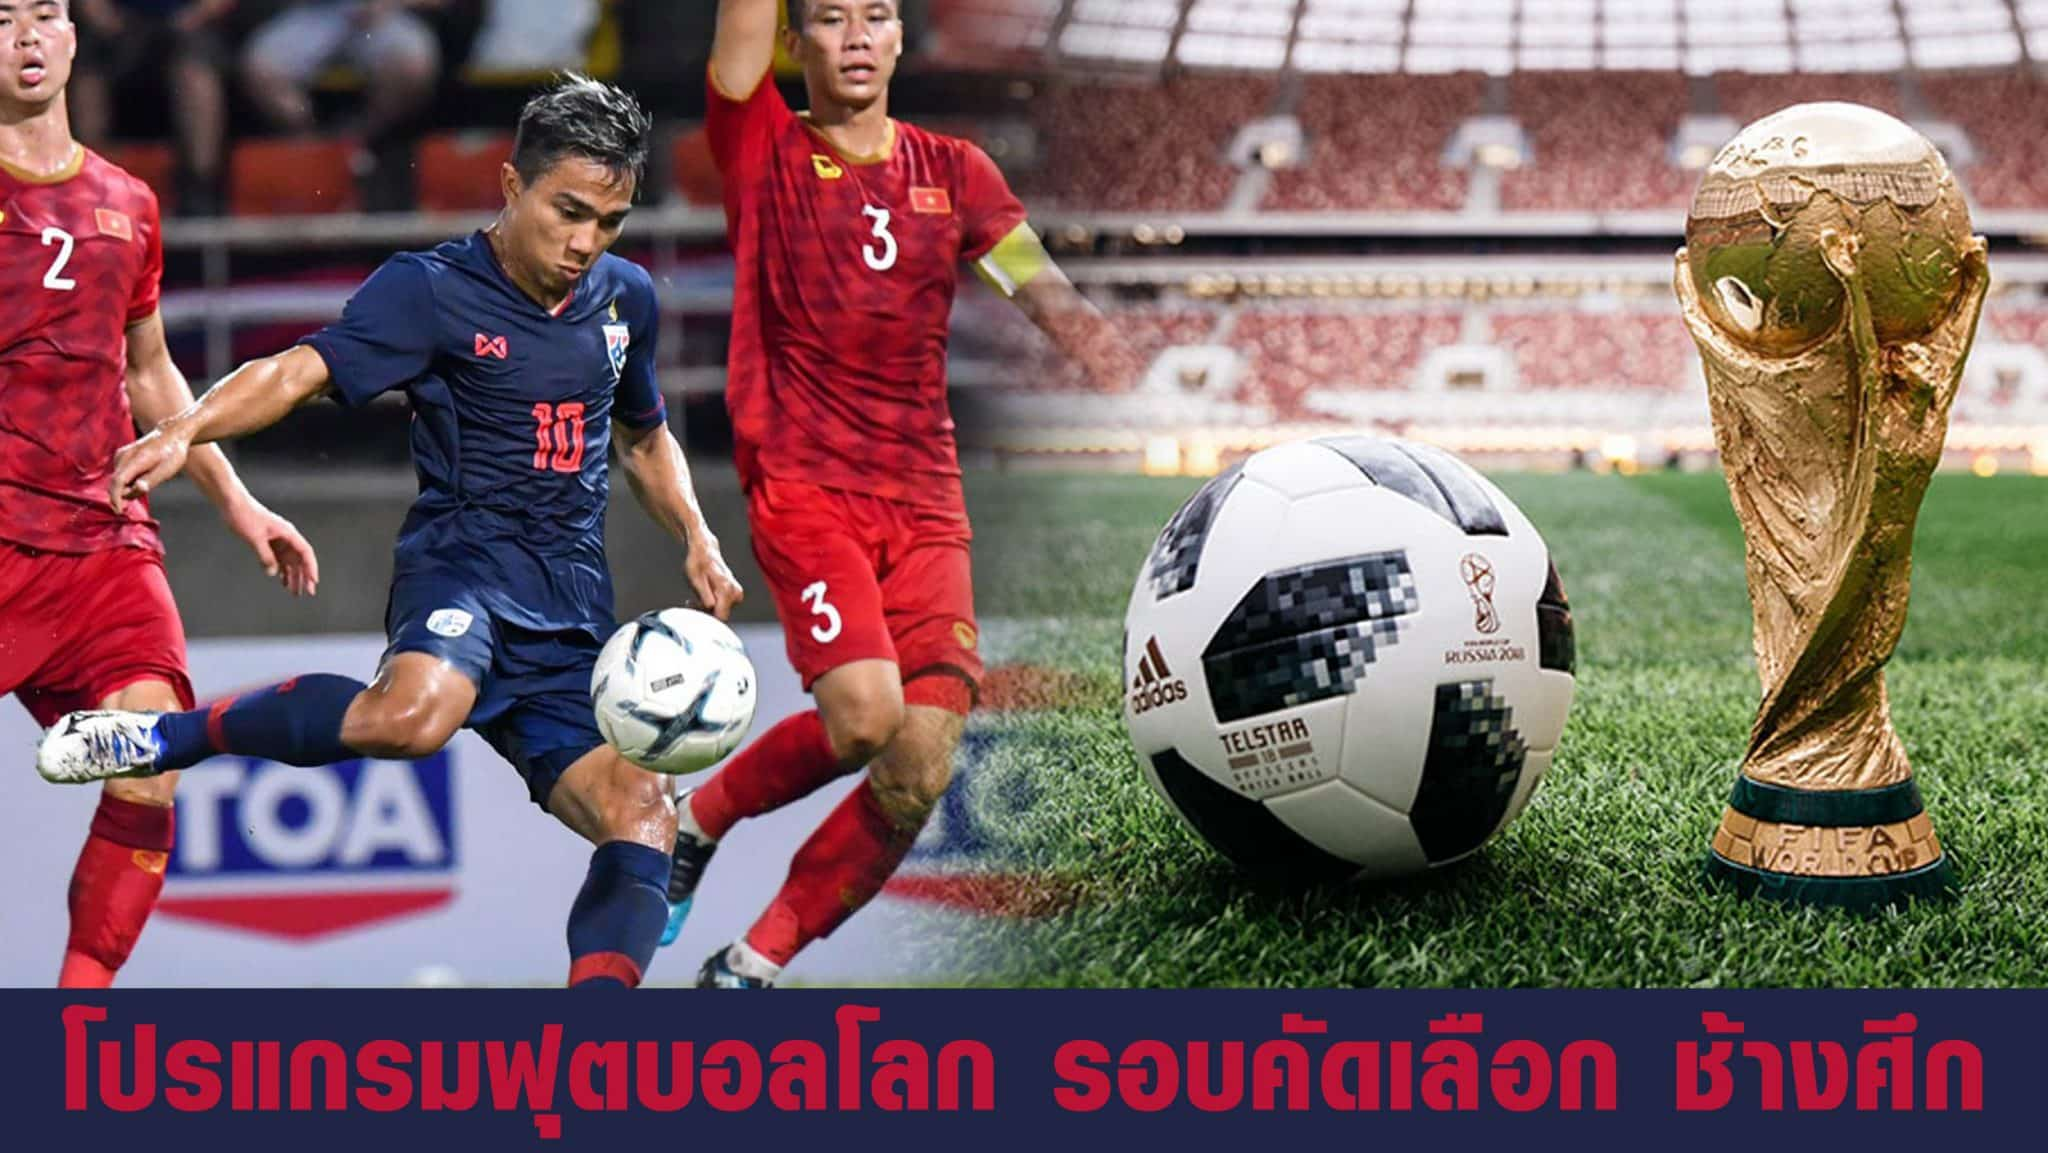 ตารางบอลโลก 2022